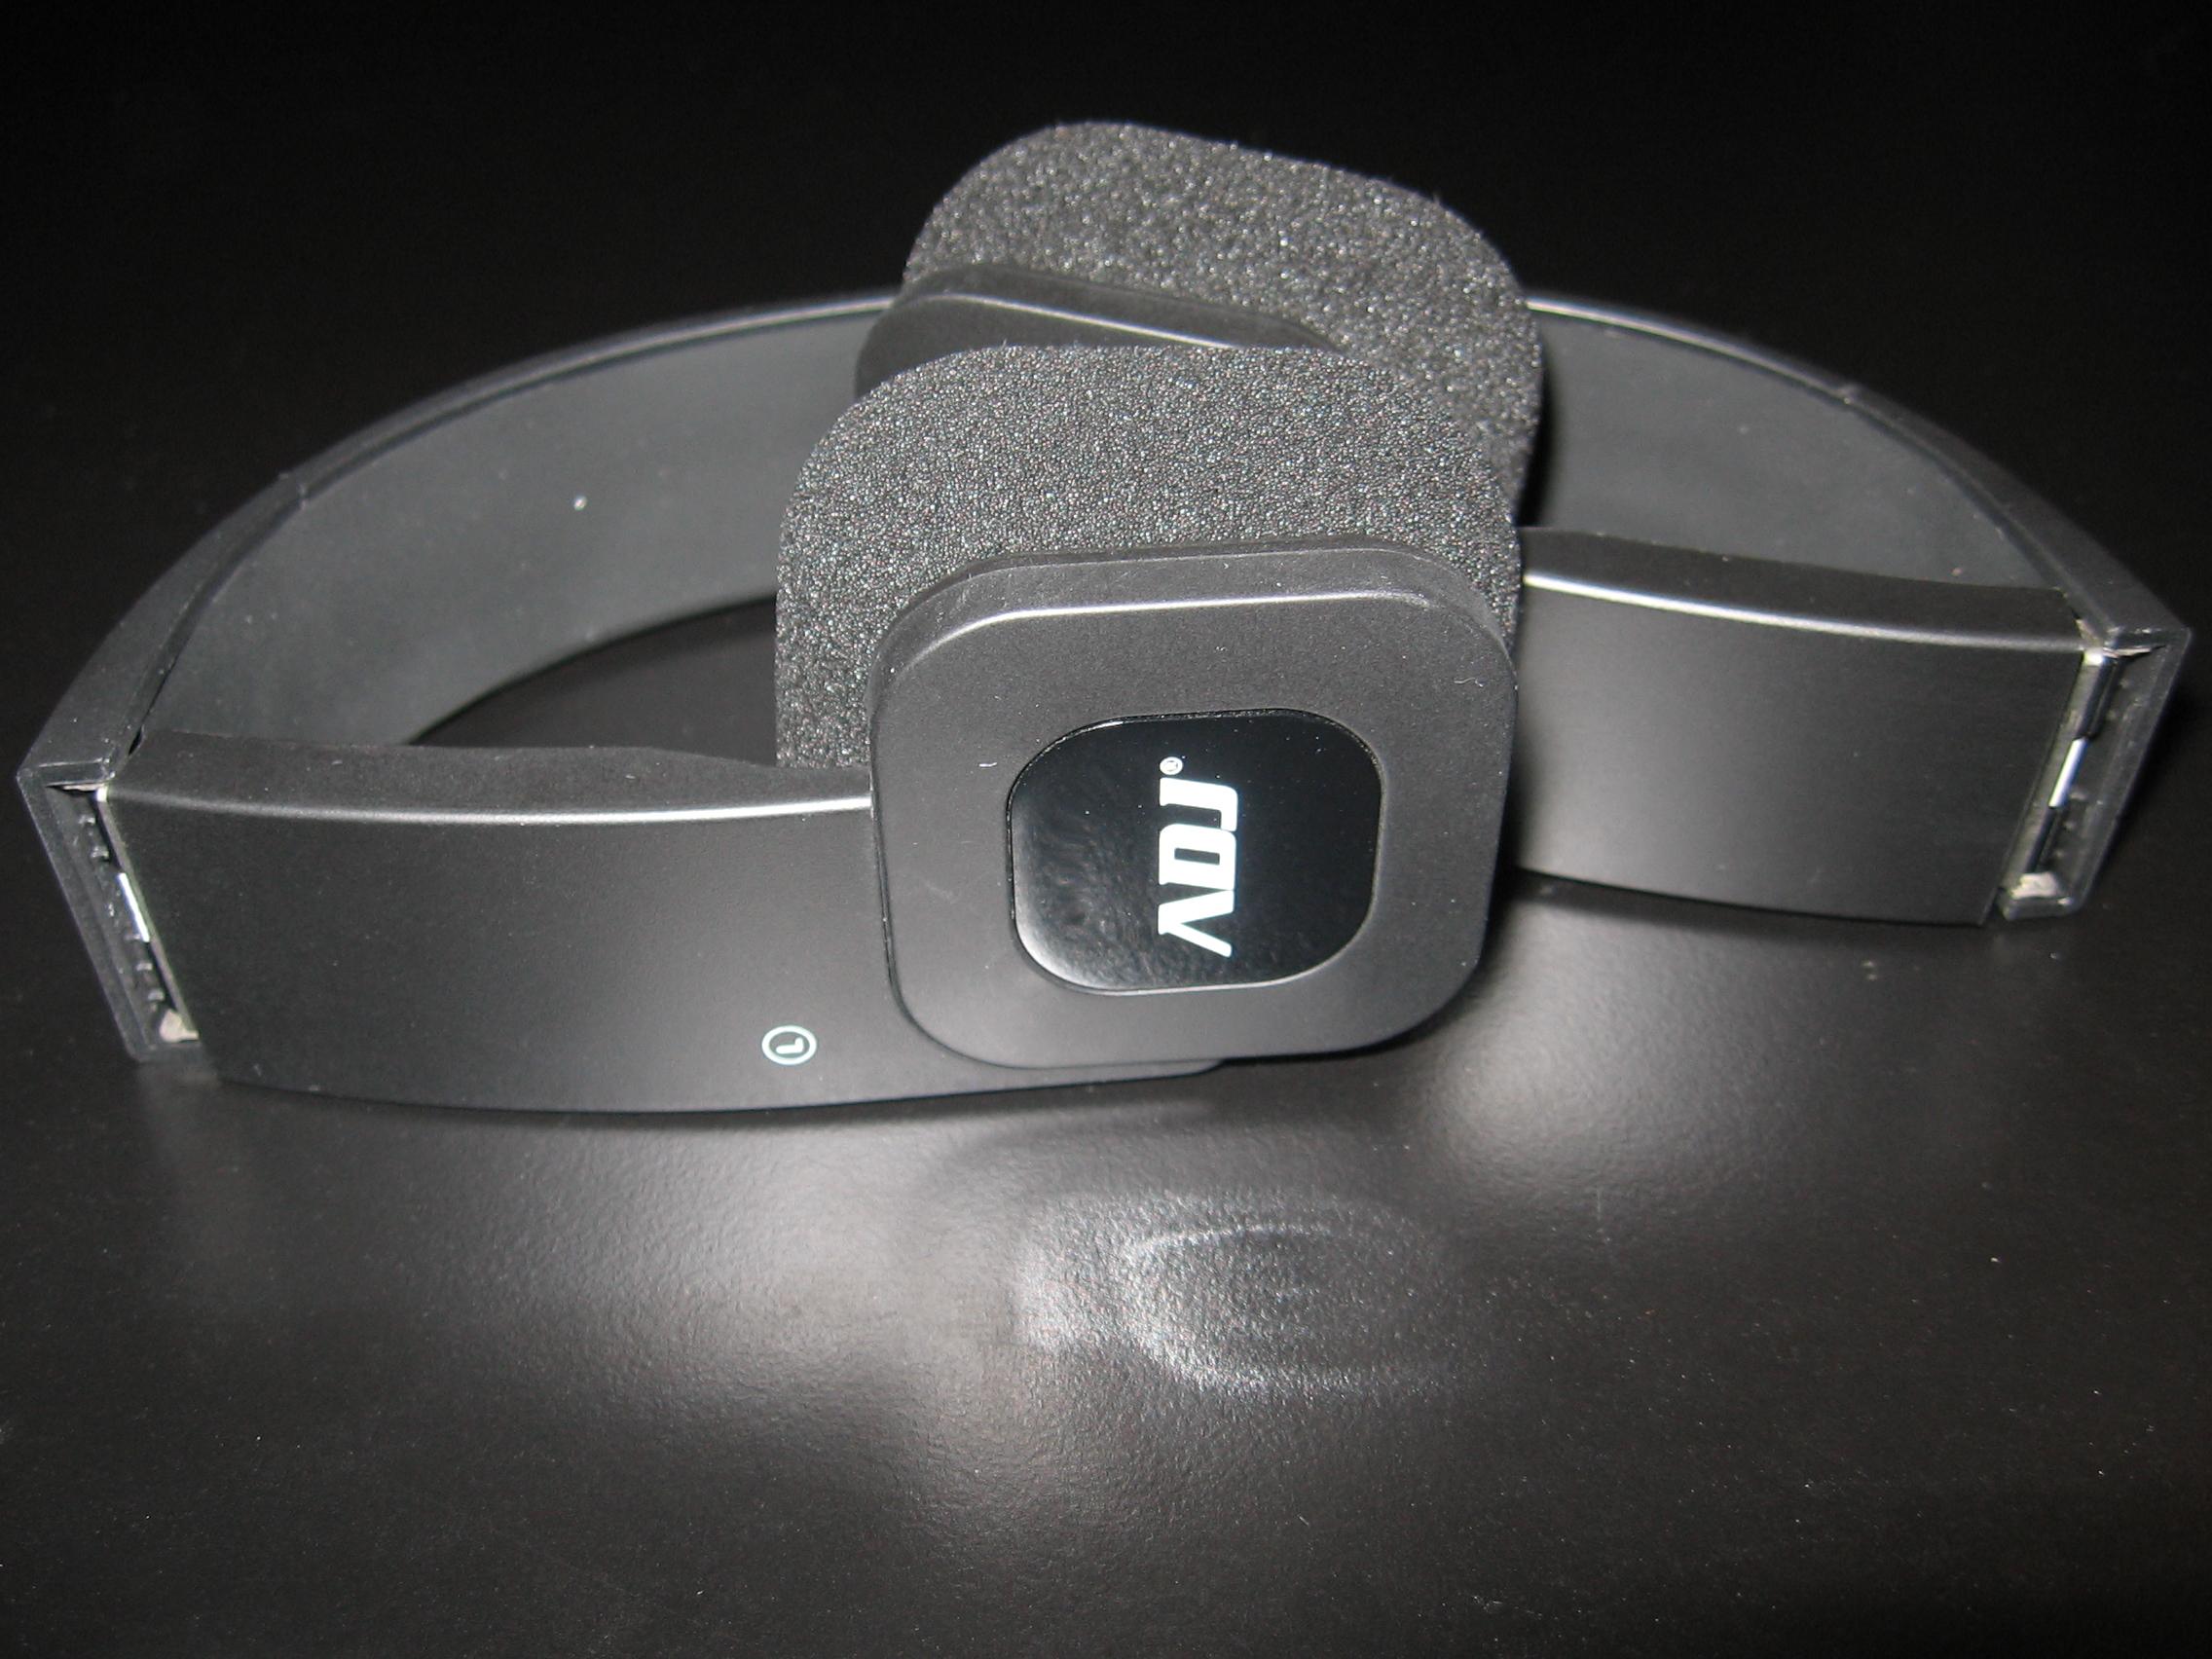 Cuffie ADJ Bluetooth CF003: audio di qualità per musica e chiamate | iSpazio Product Review